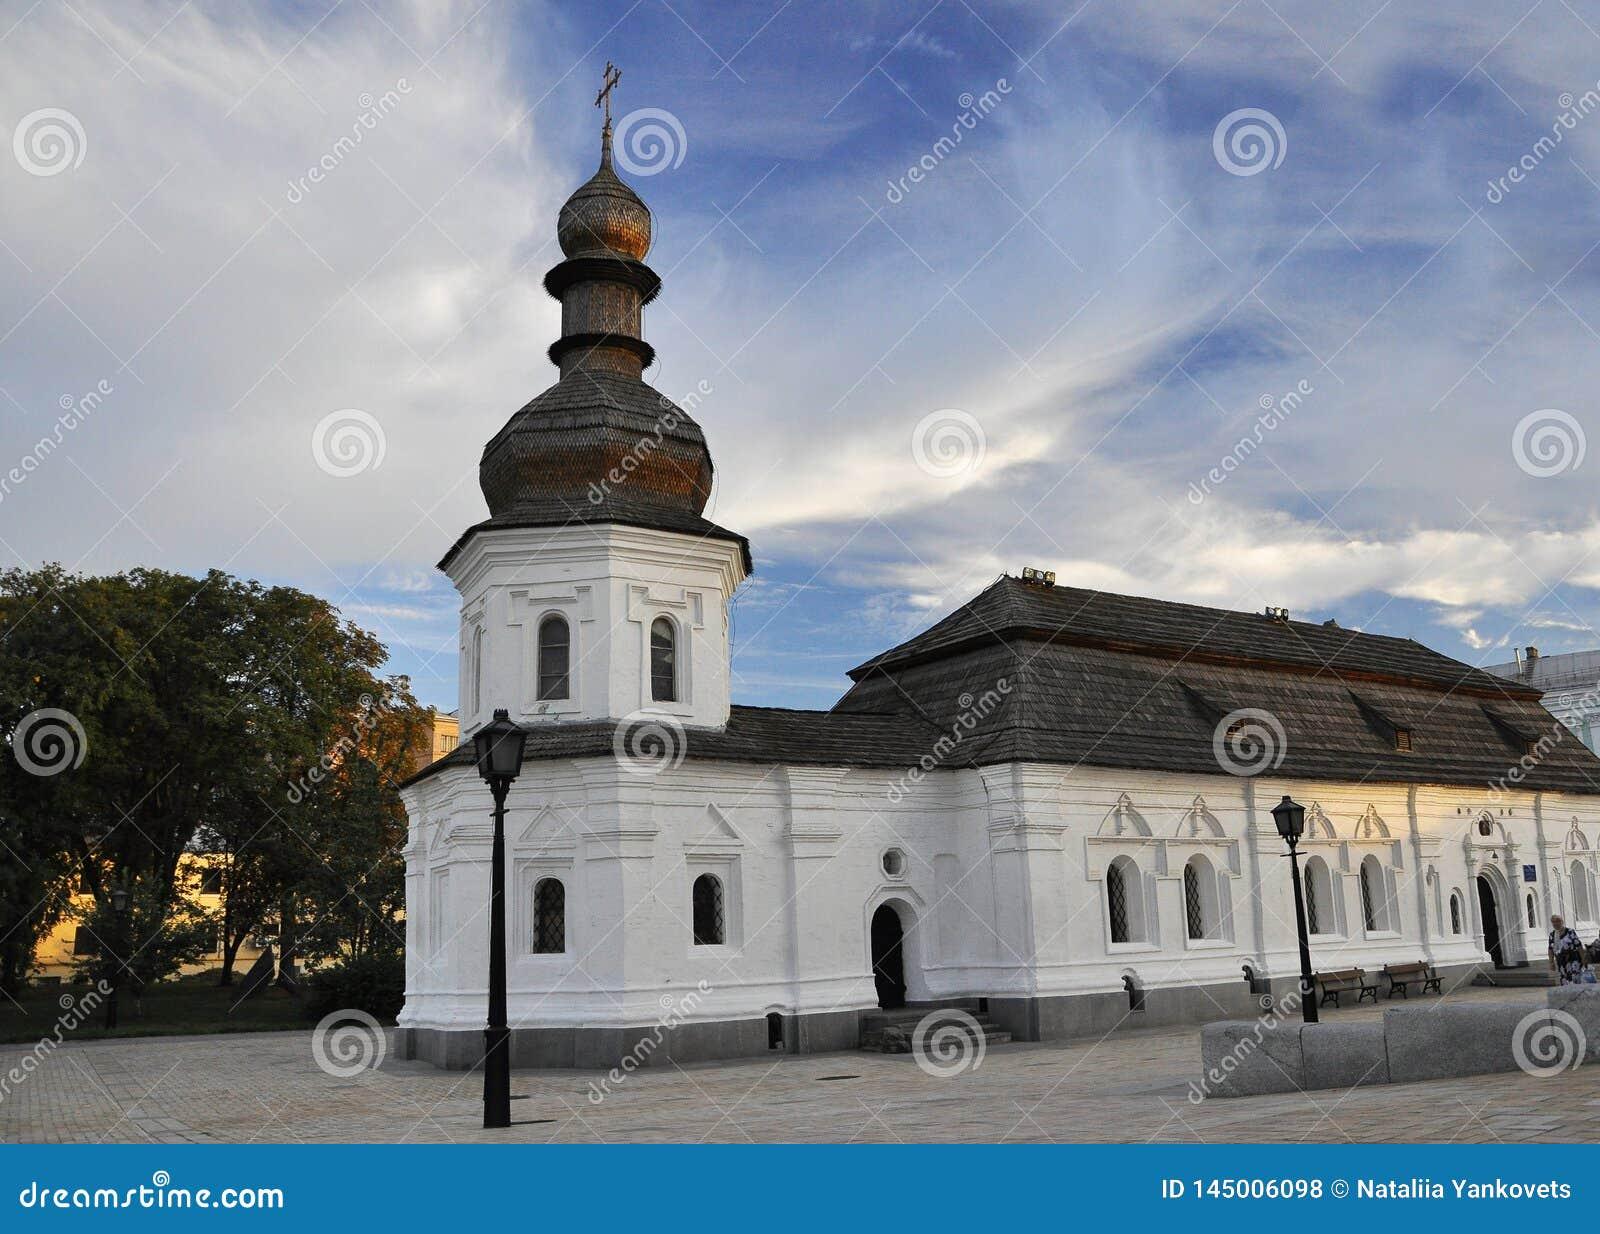 12 septembre 2010 - architecture historique antique au centre de Kiev contre le ciel bleu avec les nuages blancs